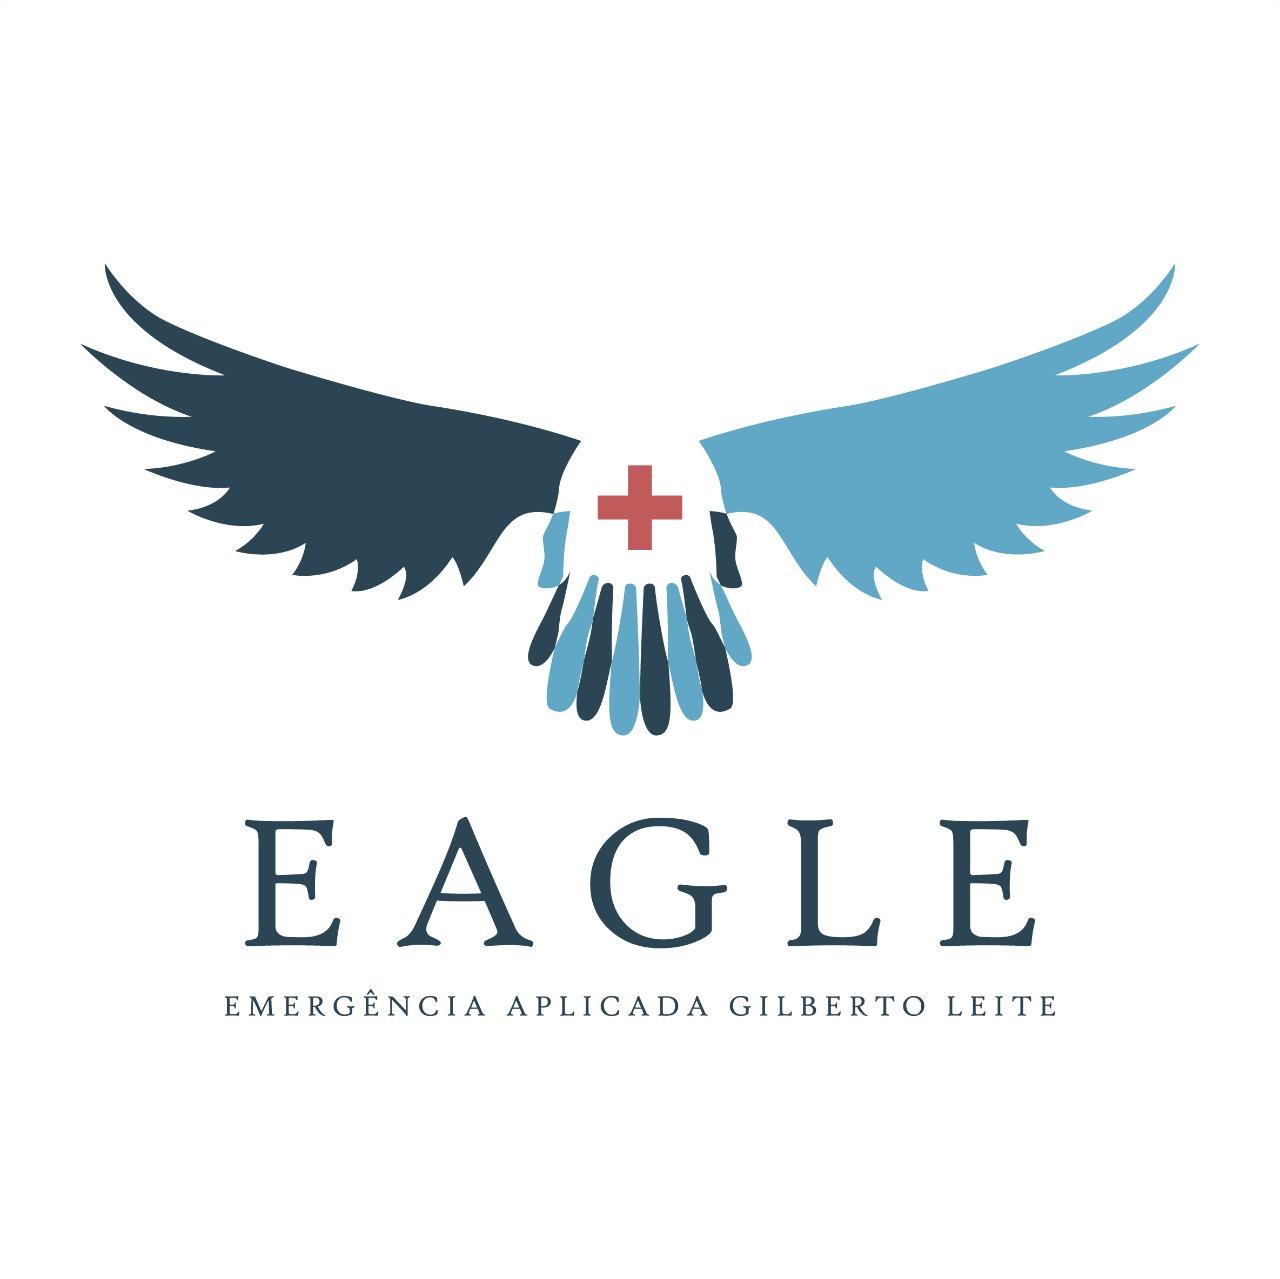 Eagle%20original